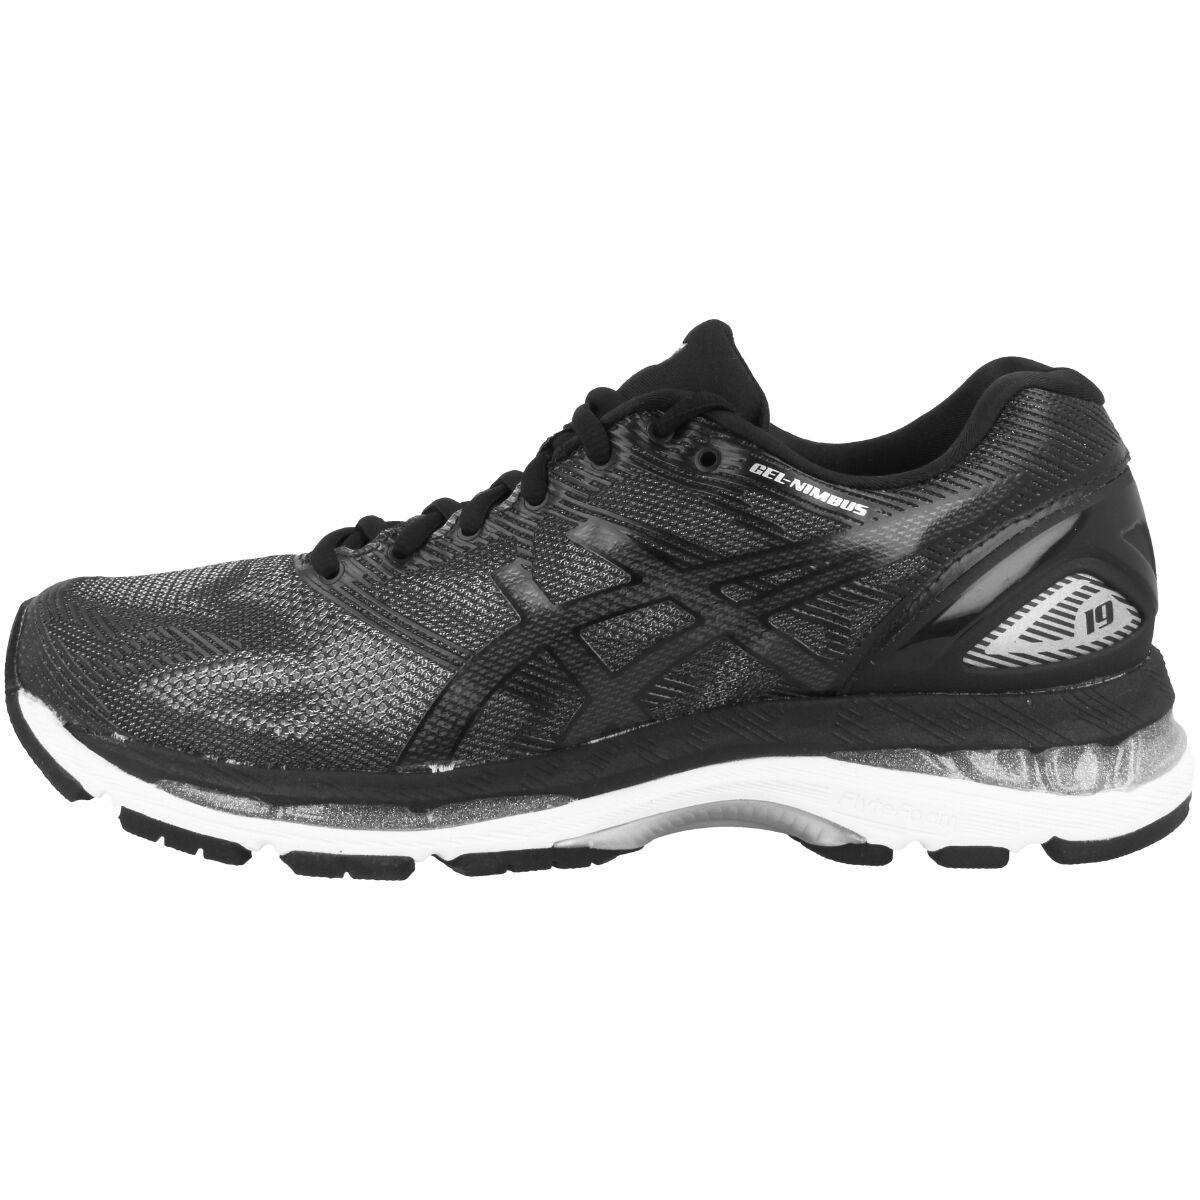 Asics Gel-Nimbus 19 Damens Damen Laufschuhe schwarz schwarz schwarz onyx silver T750N-9099 Running e64f05